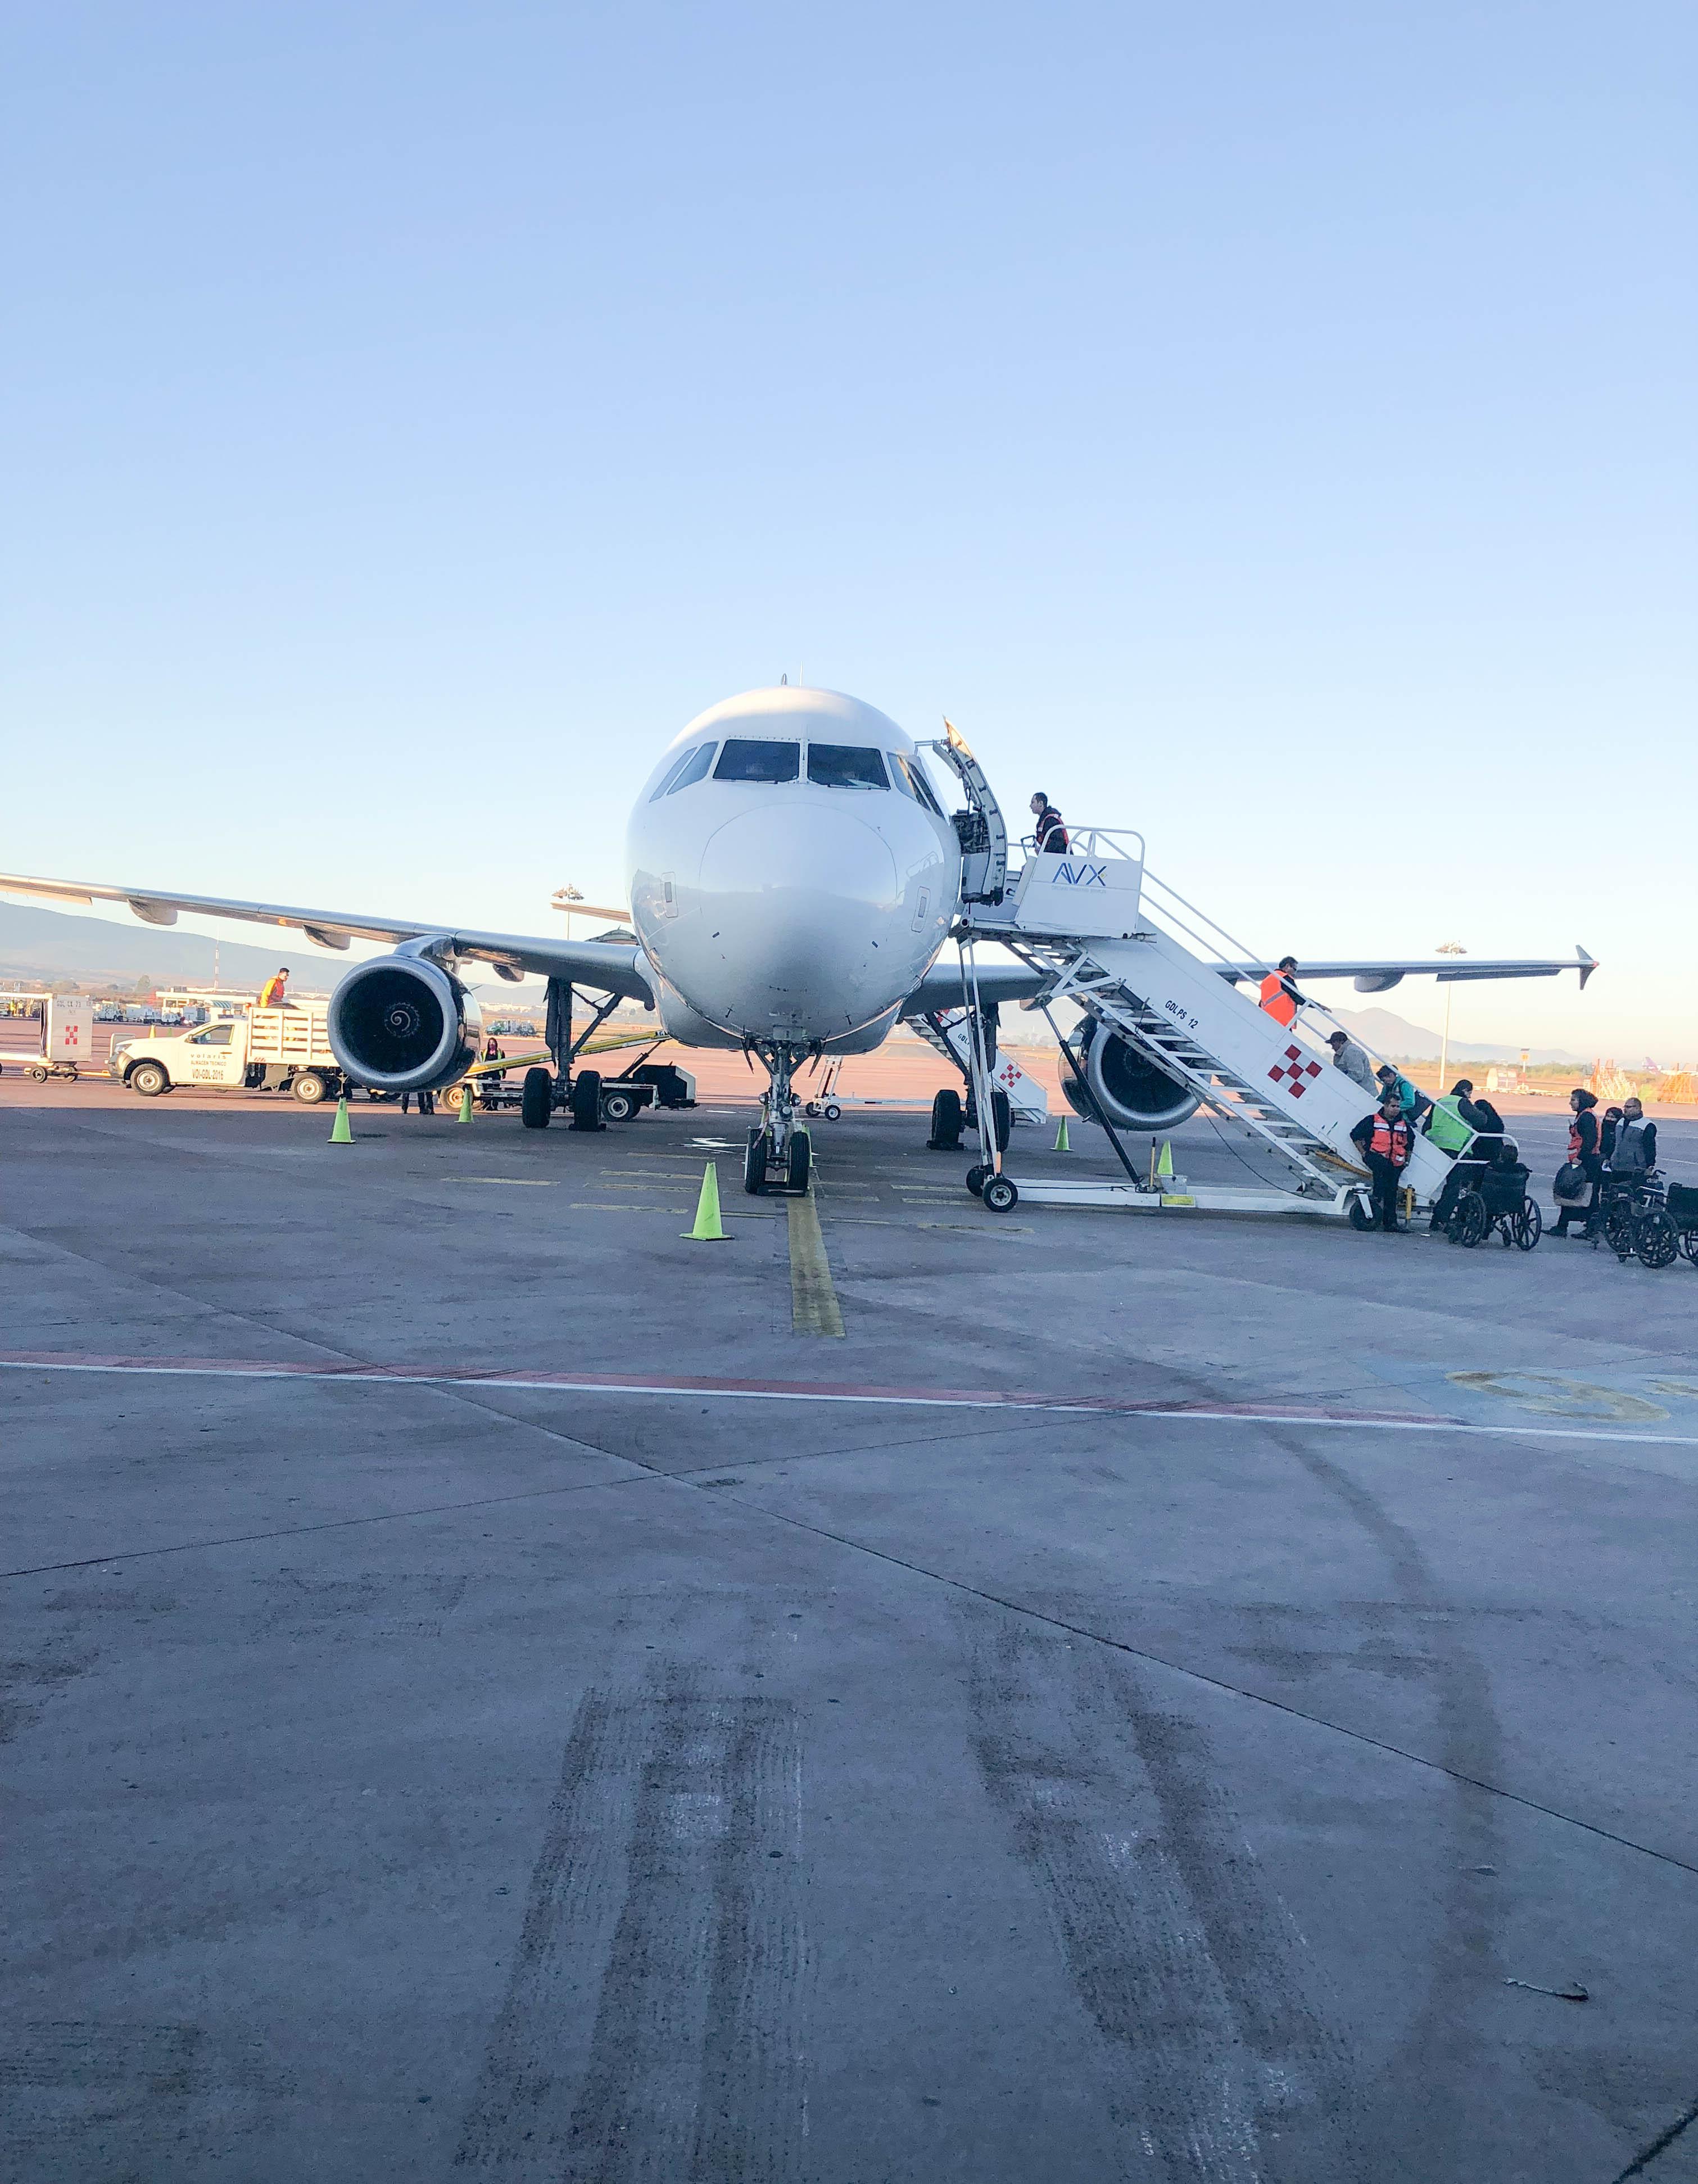 volaris flight Guadalajara #volaris #travelblogger #travel